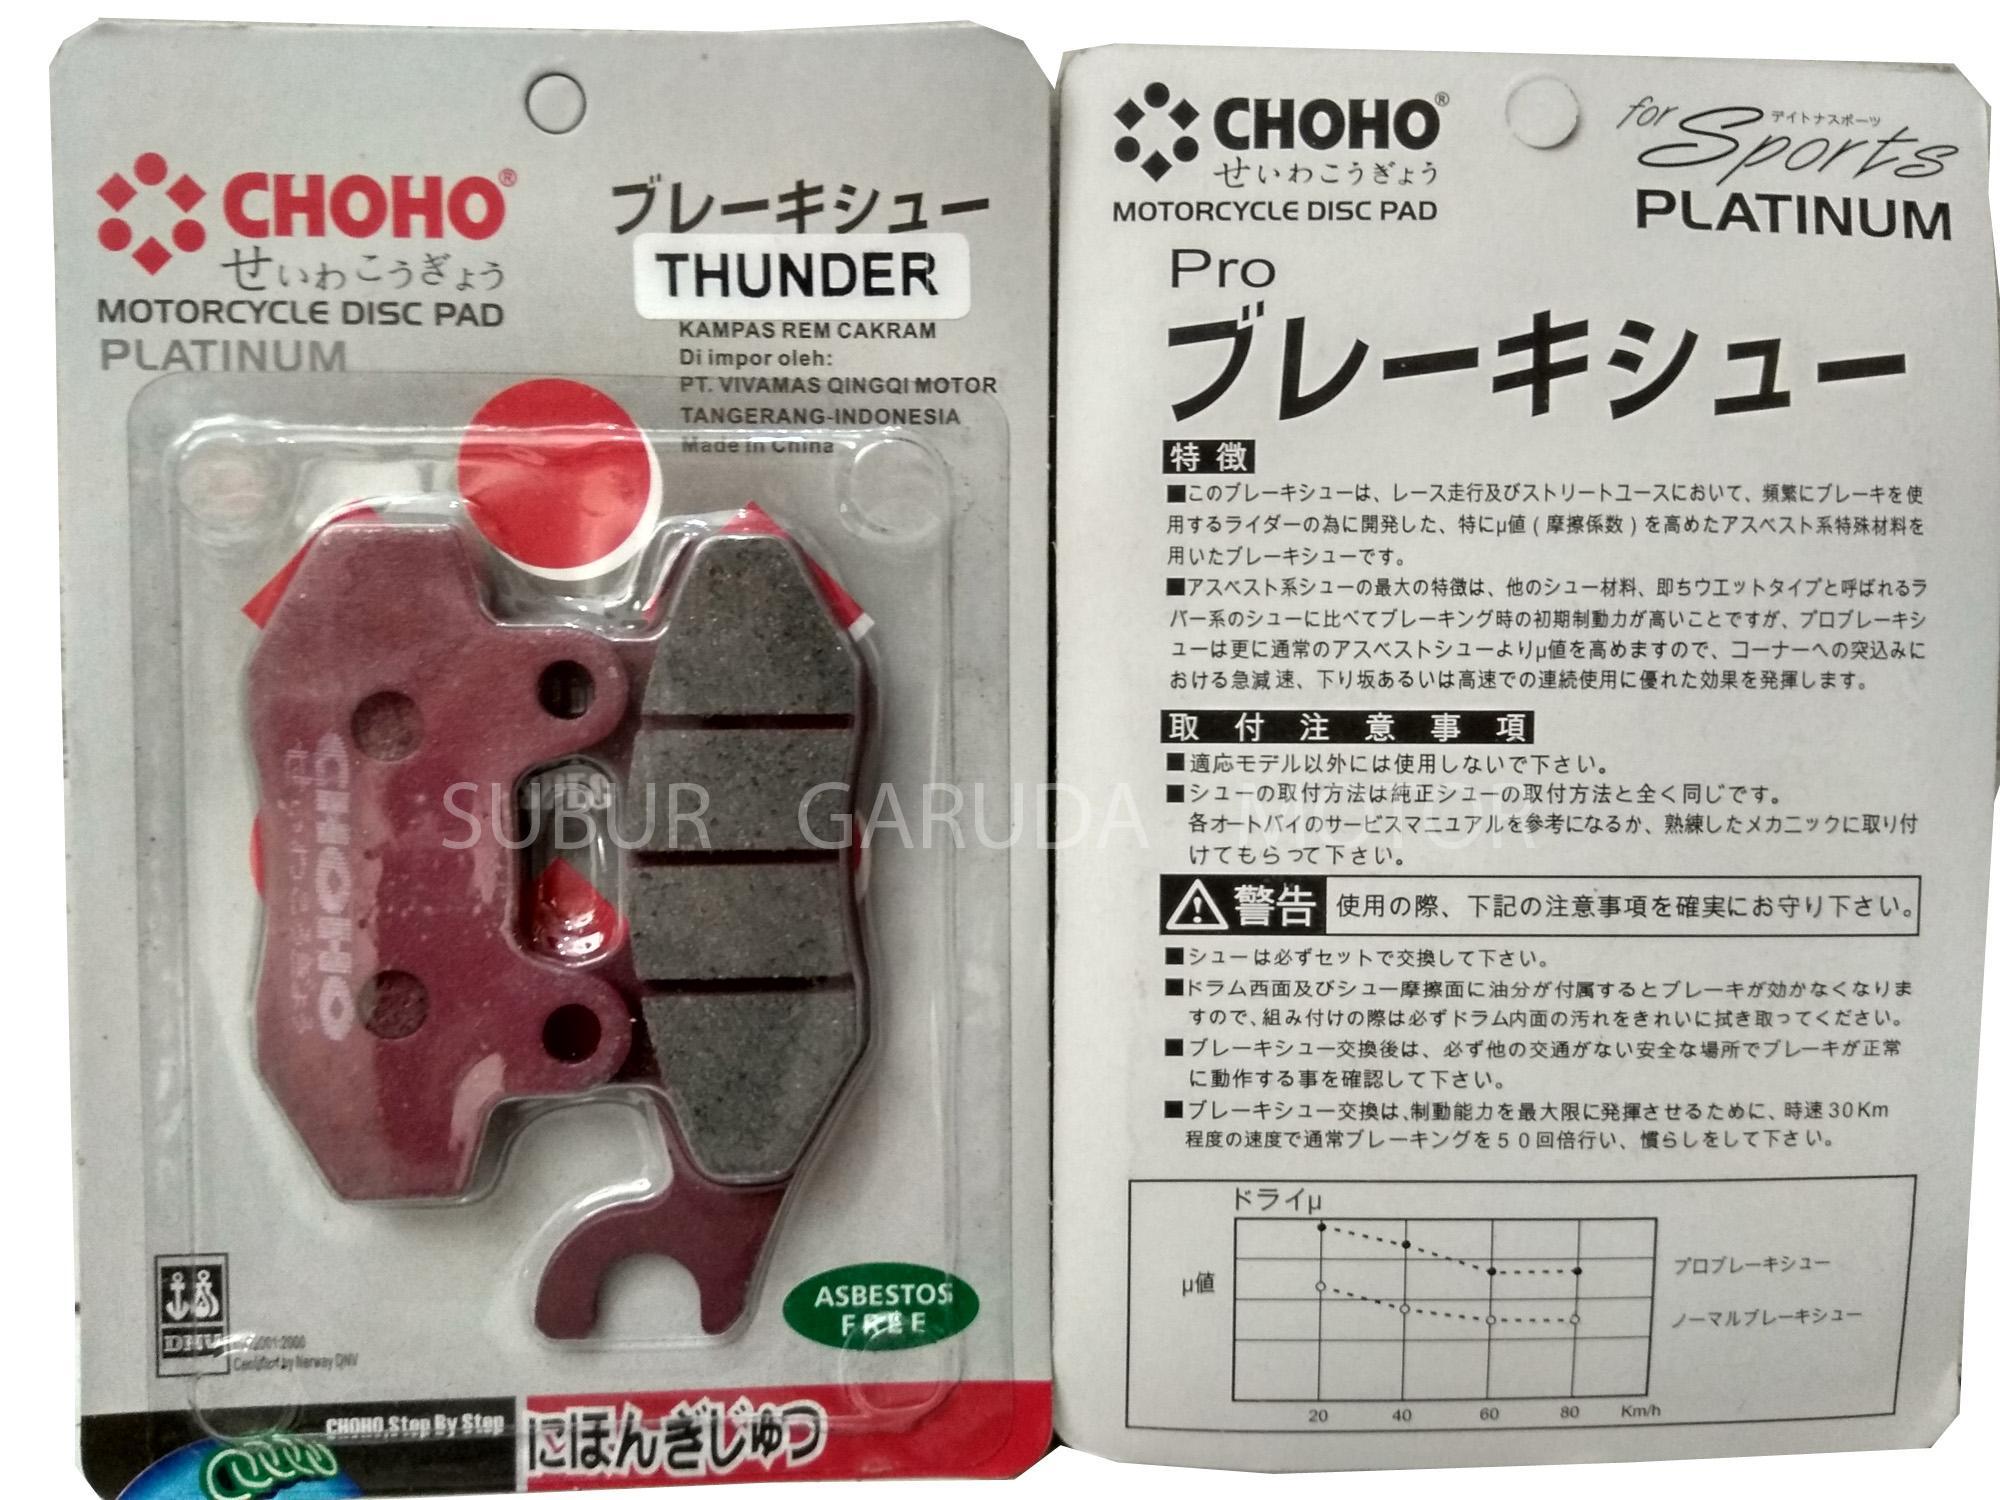 Daftar Harga Suzuki Lampu Depan Thunder 125 Merk Xnd Dan Ulasan Saklar Kiri Kanan New 9 Kabel Kampas Rem Klx Choho Kualitas Jepang Bebas Asbes